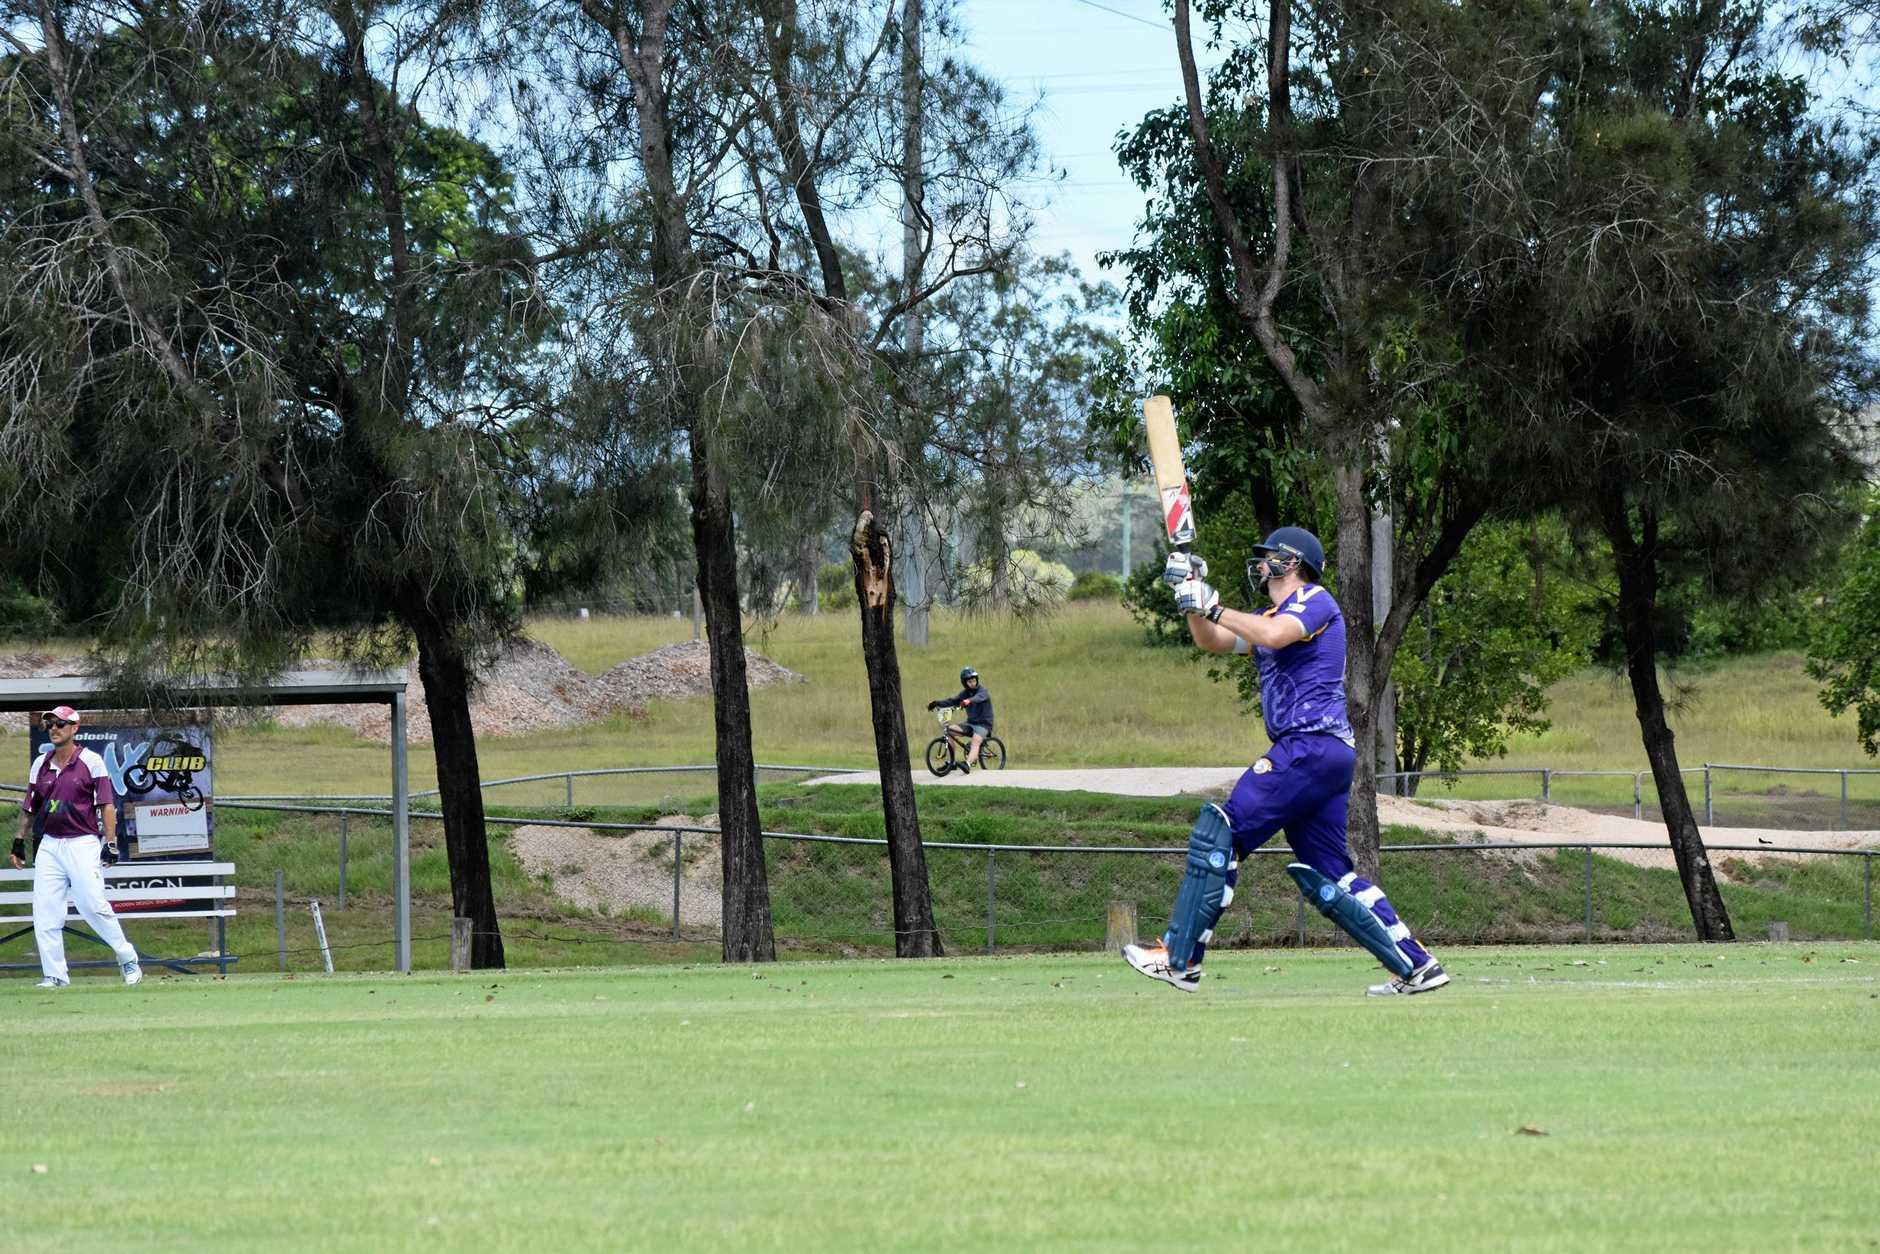 gympie regional cricket